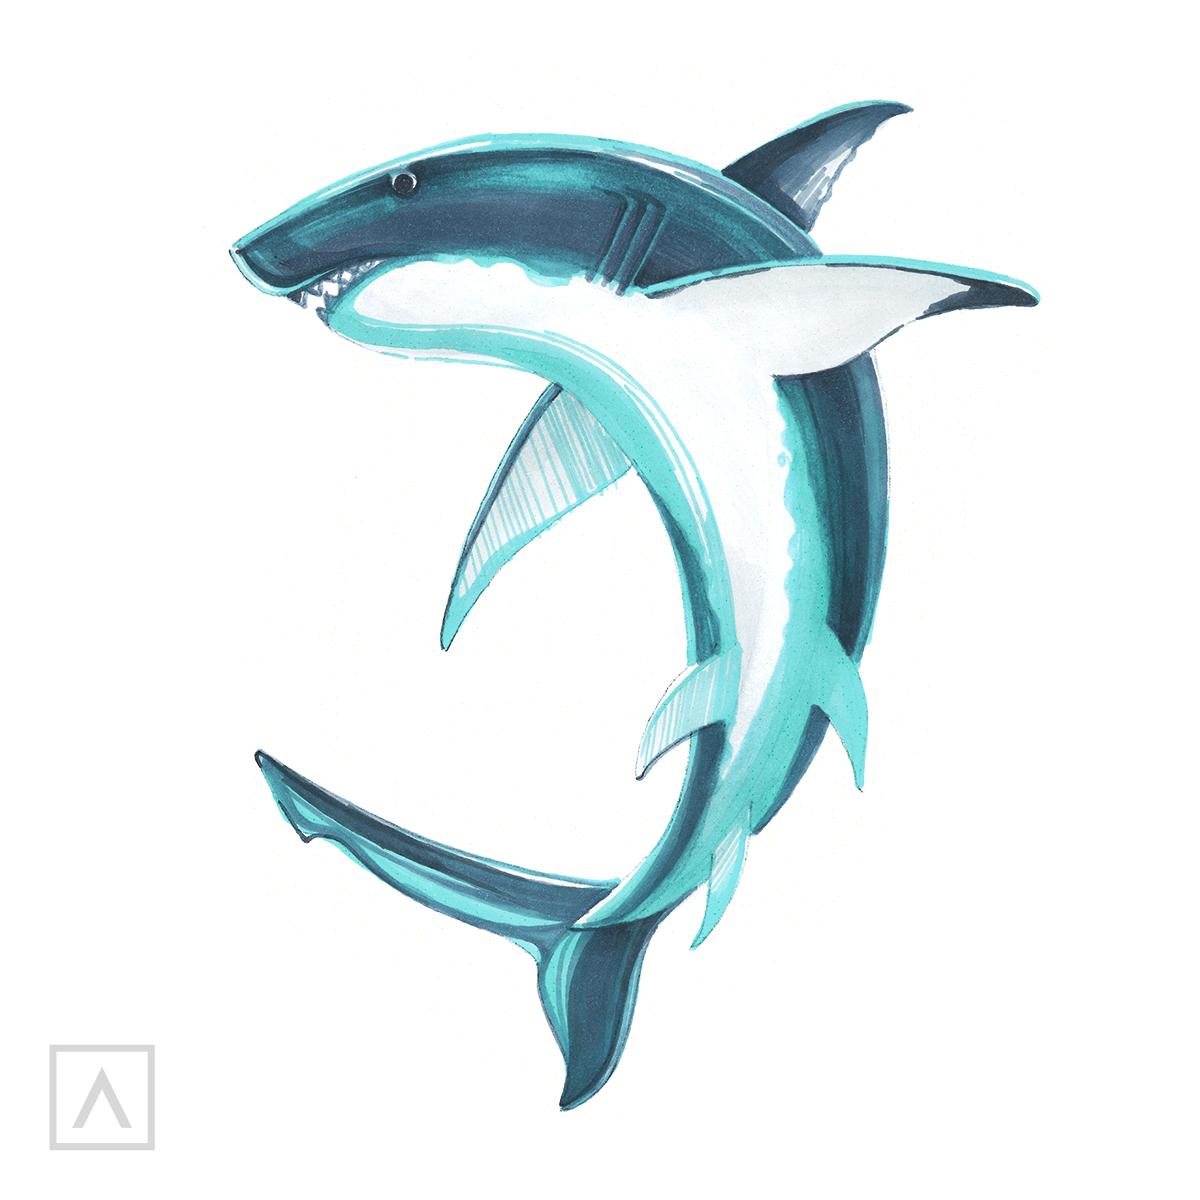 Cómo dibujar un tiburón - Paso 6